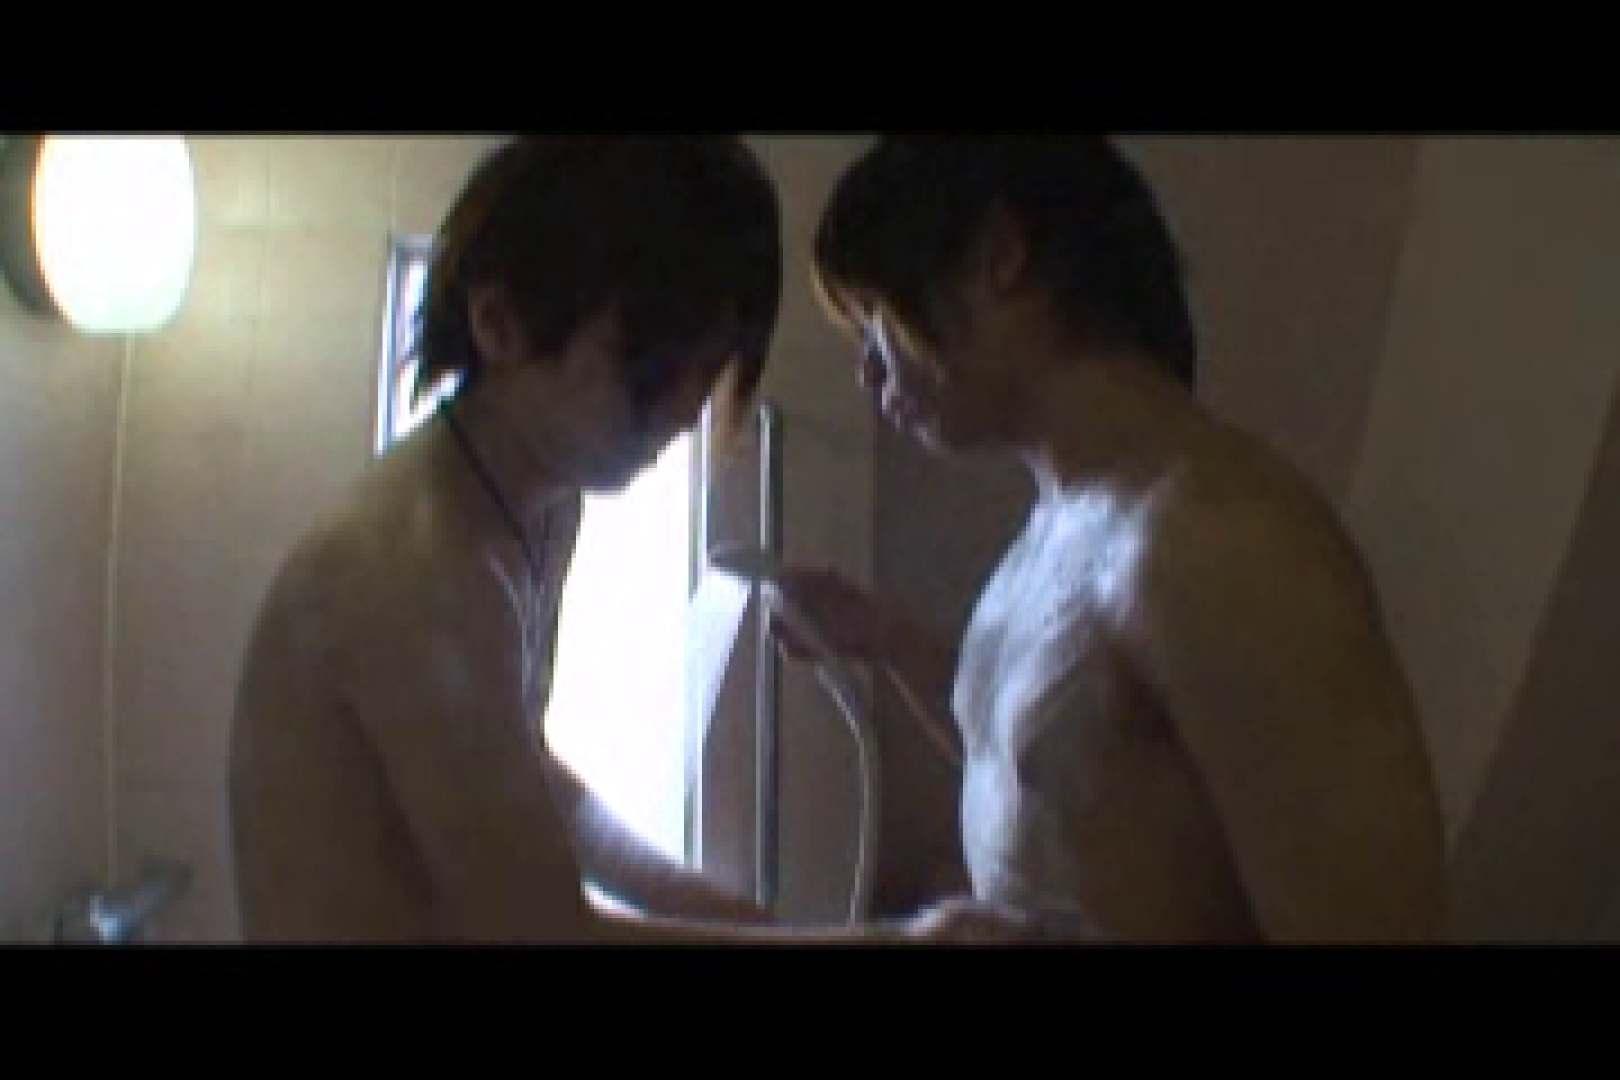 コンビネーションBoys!vol.02 風呂天国 ゲイセックス画像 106枚 10